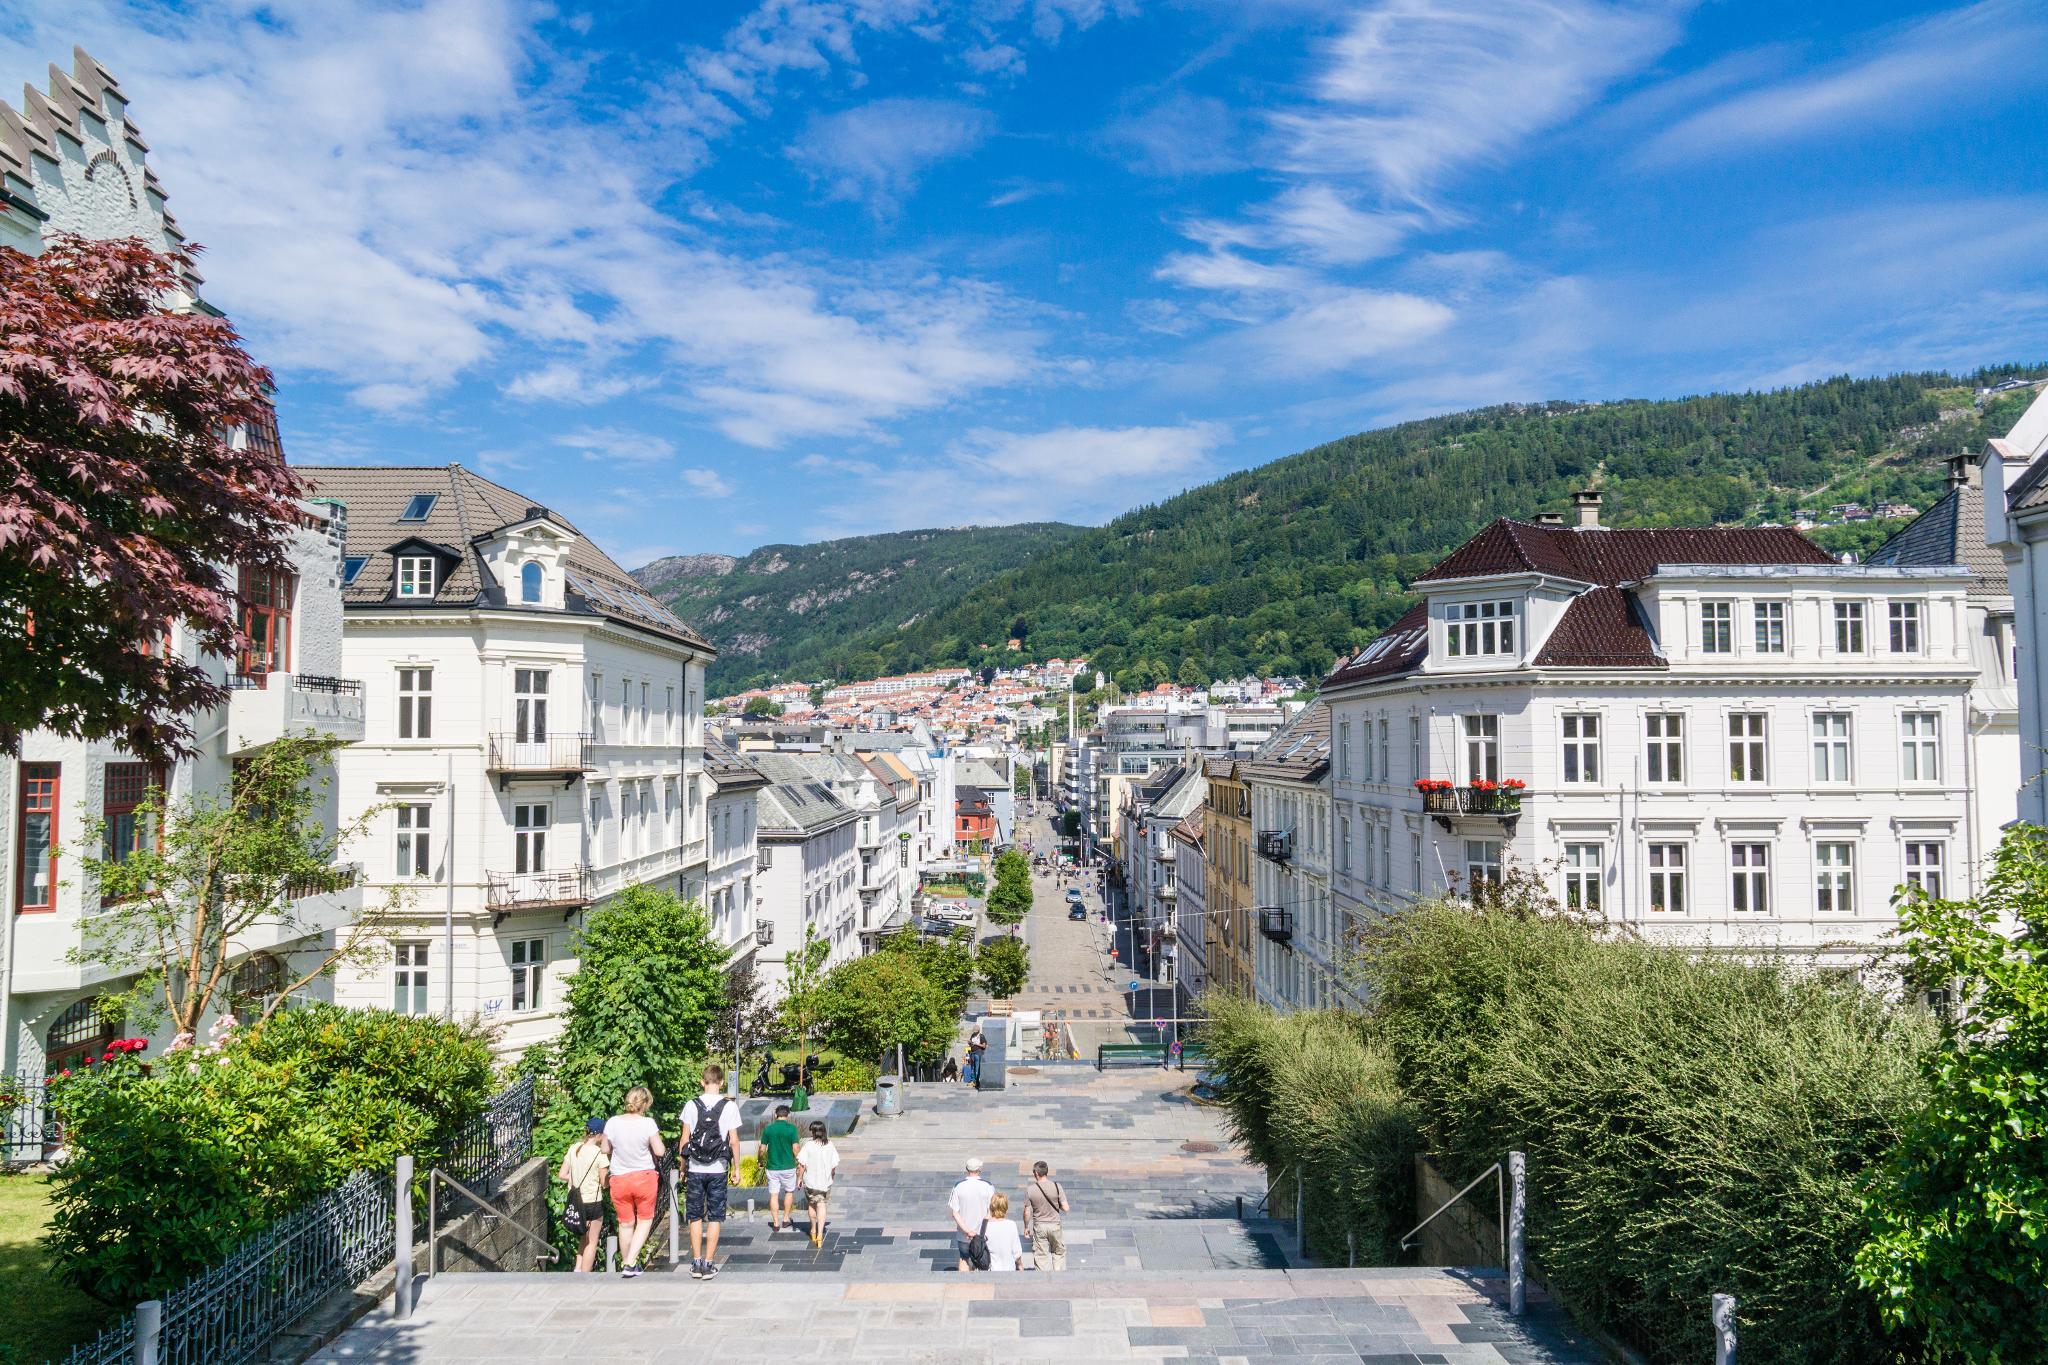 【卑爾根】童話北歐!卑爾根自由行景點全攻略 172